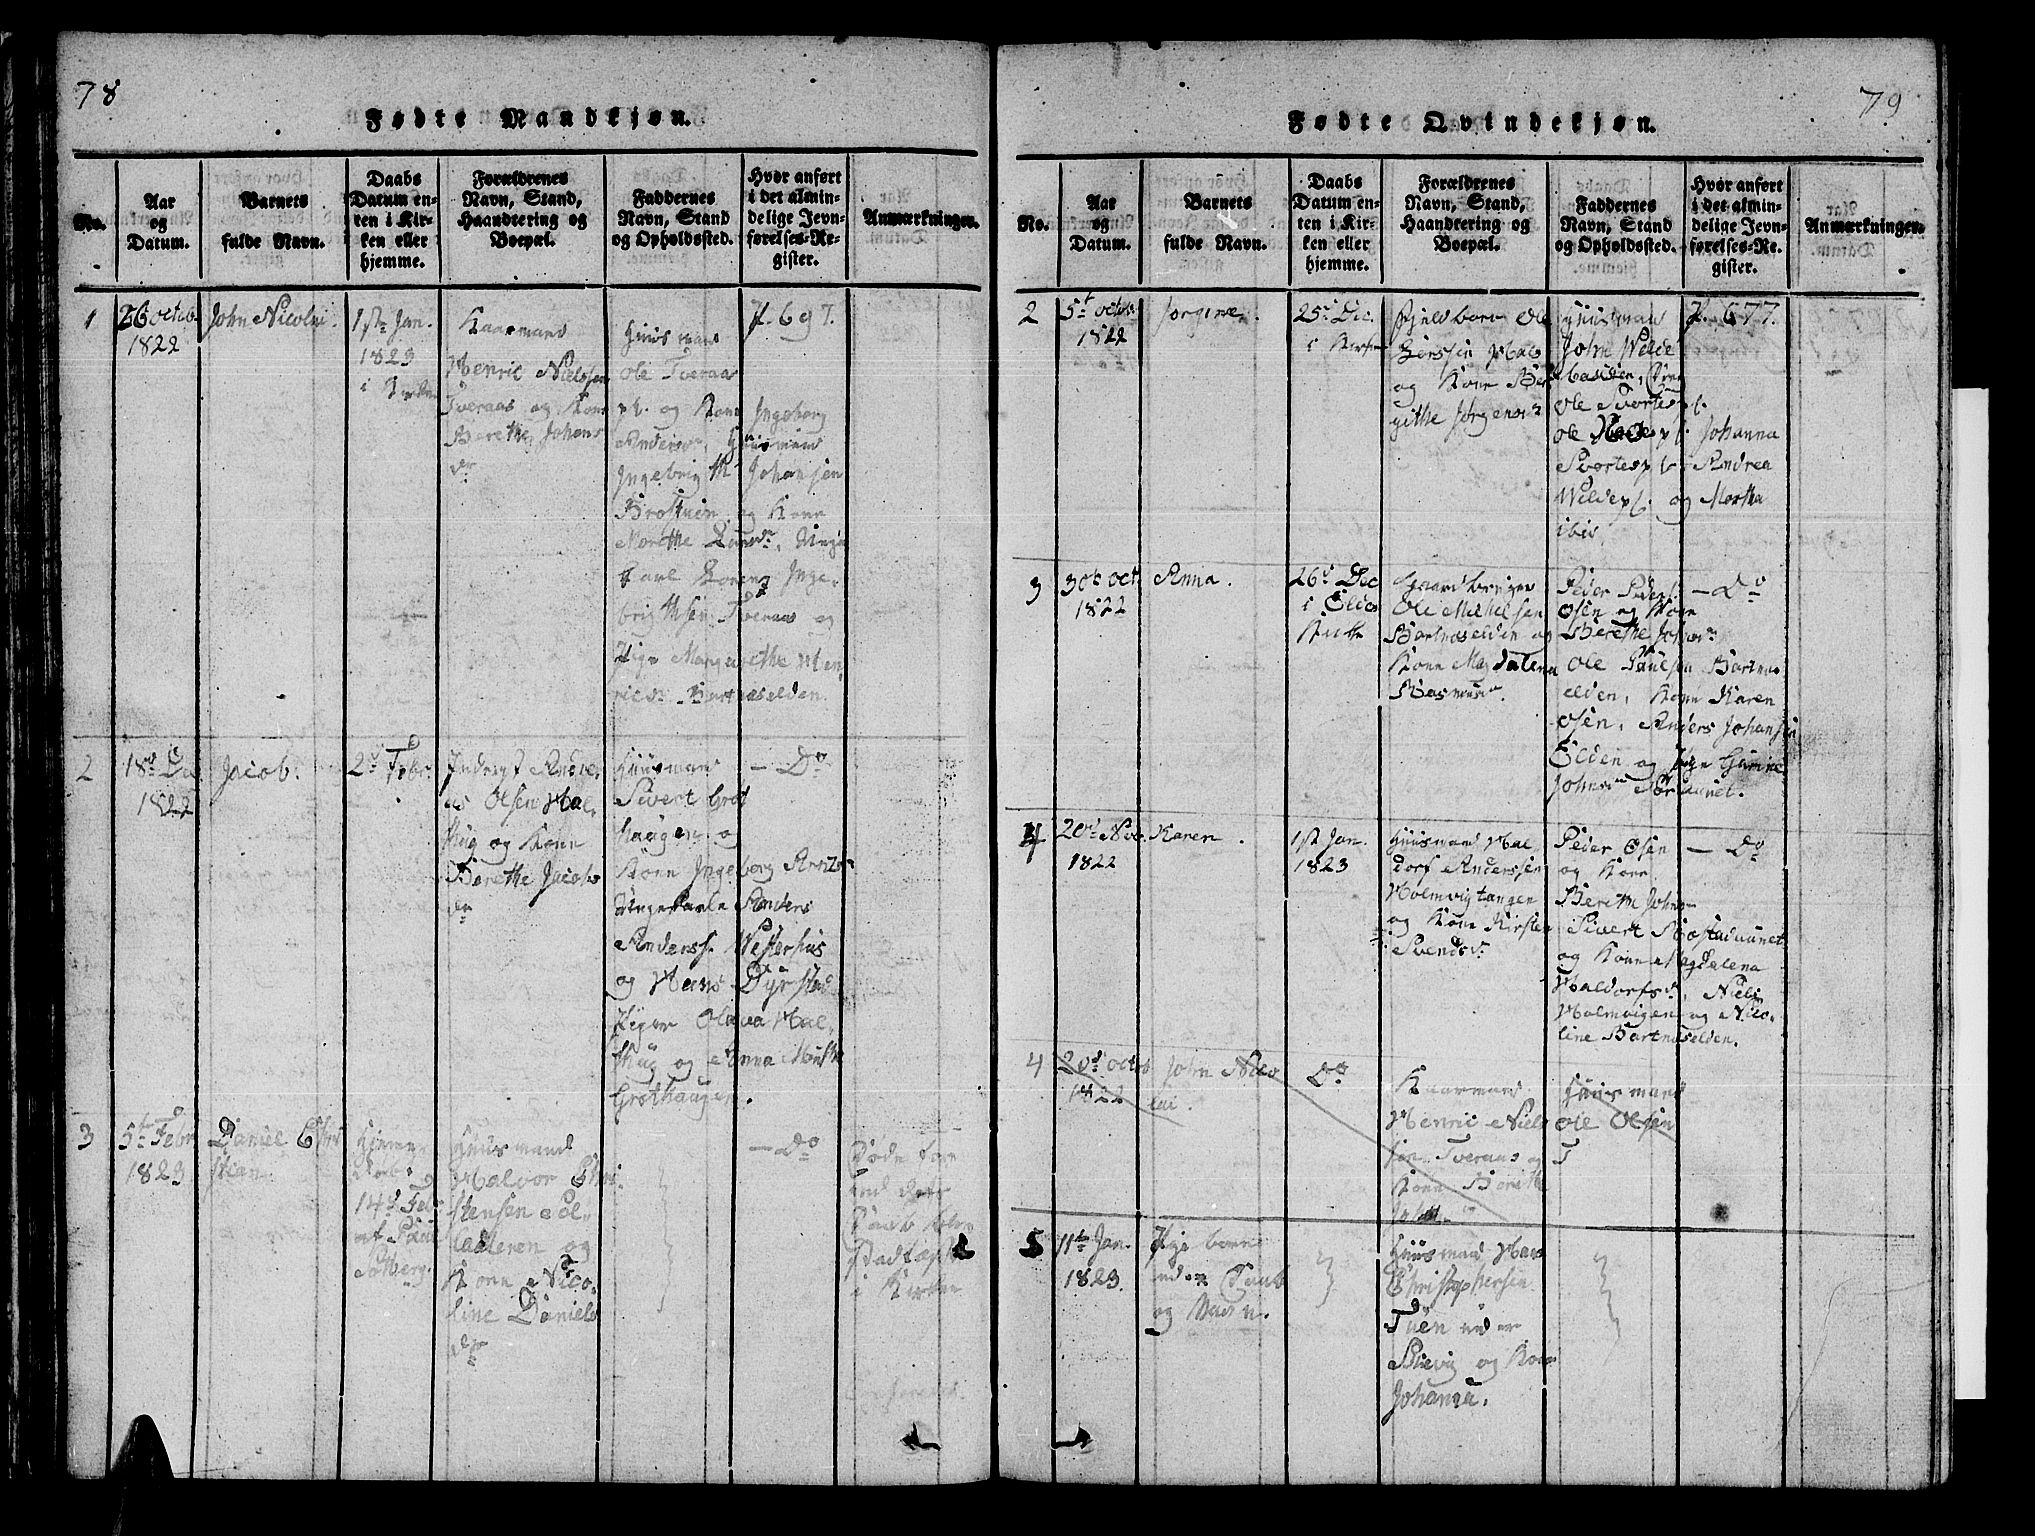 SAT, Ministerialprotokoller, klokkerbøker og fødselsregistre - Nord-Trøndelag, 741/L0400: Klokkerbok nr. 741C01, 1817-1825, s. 78-79